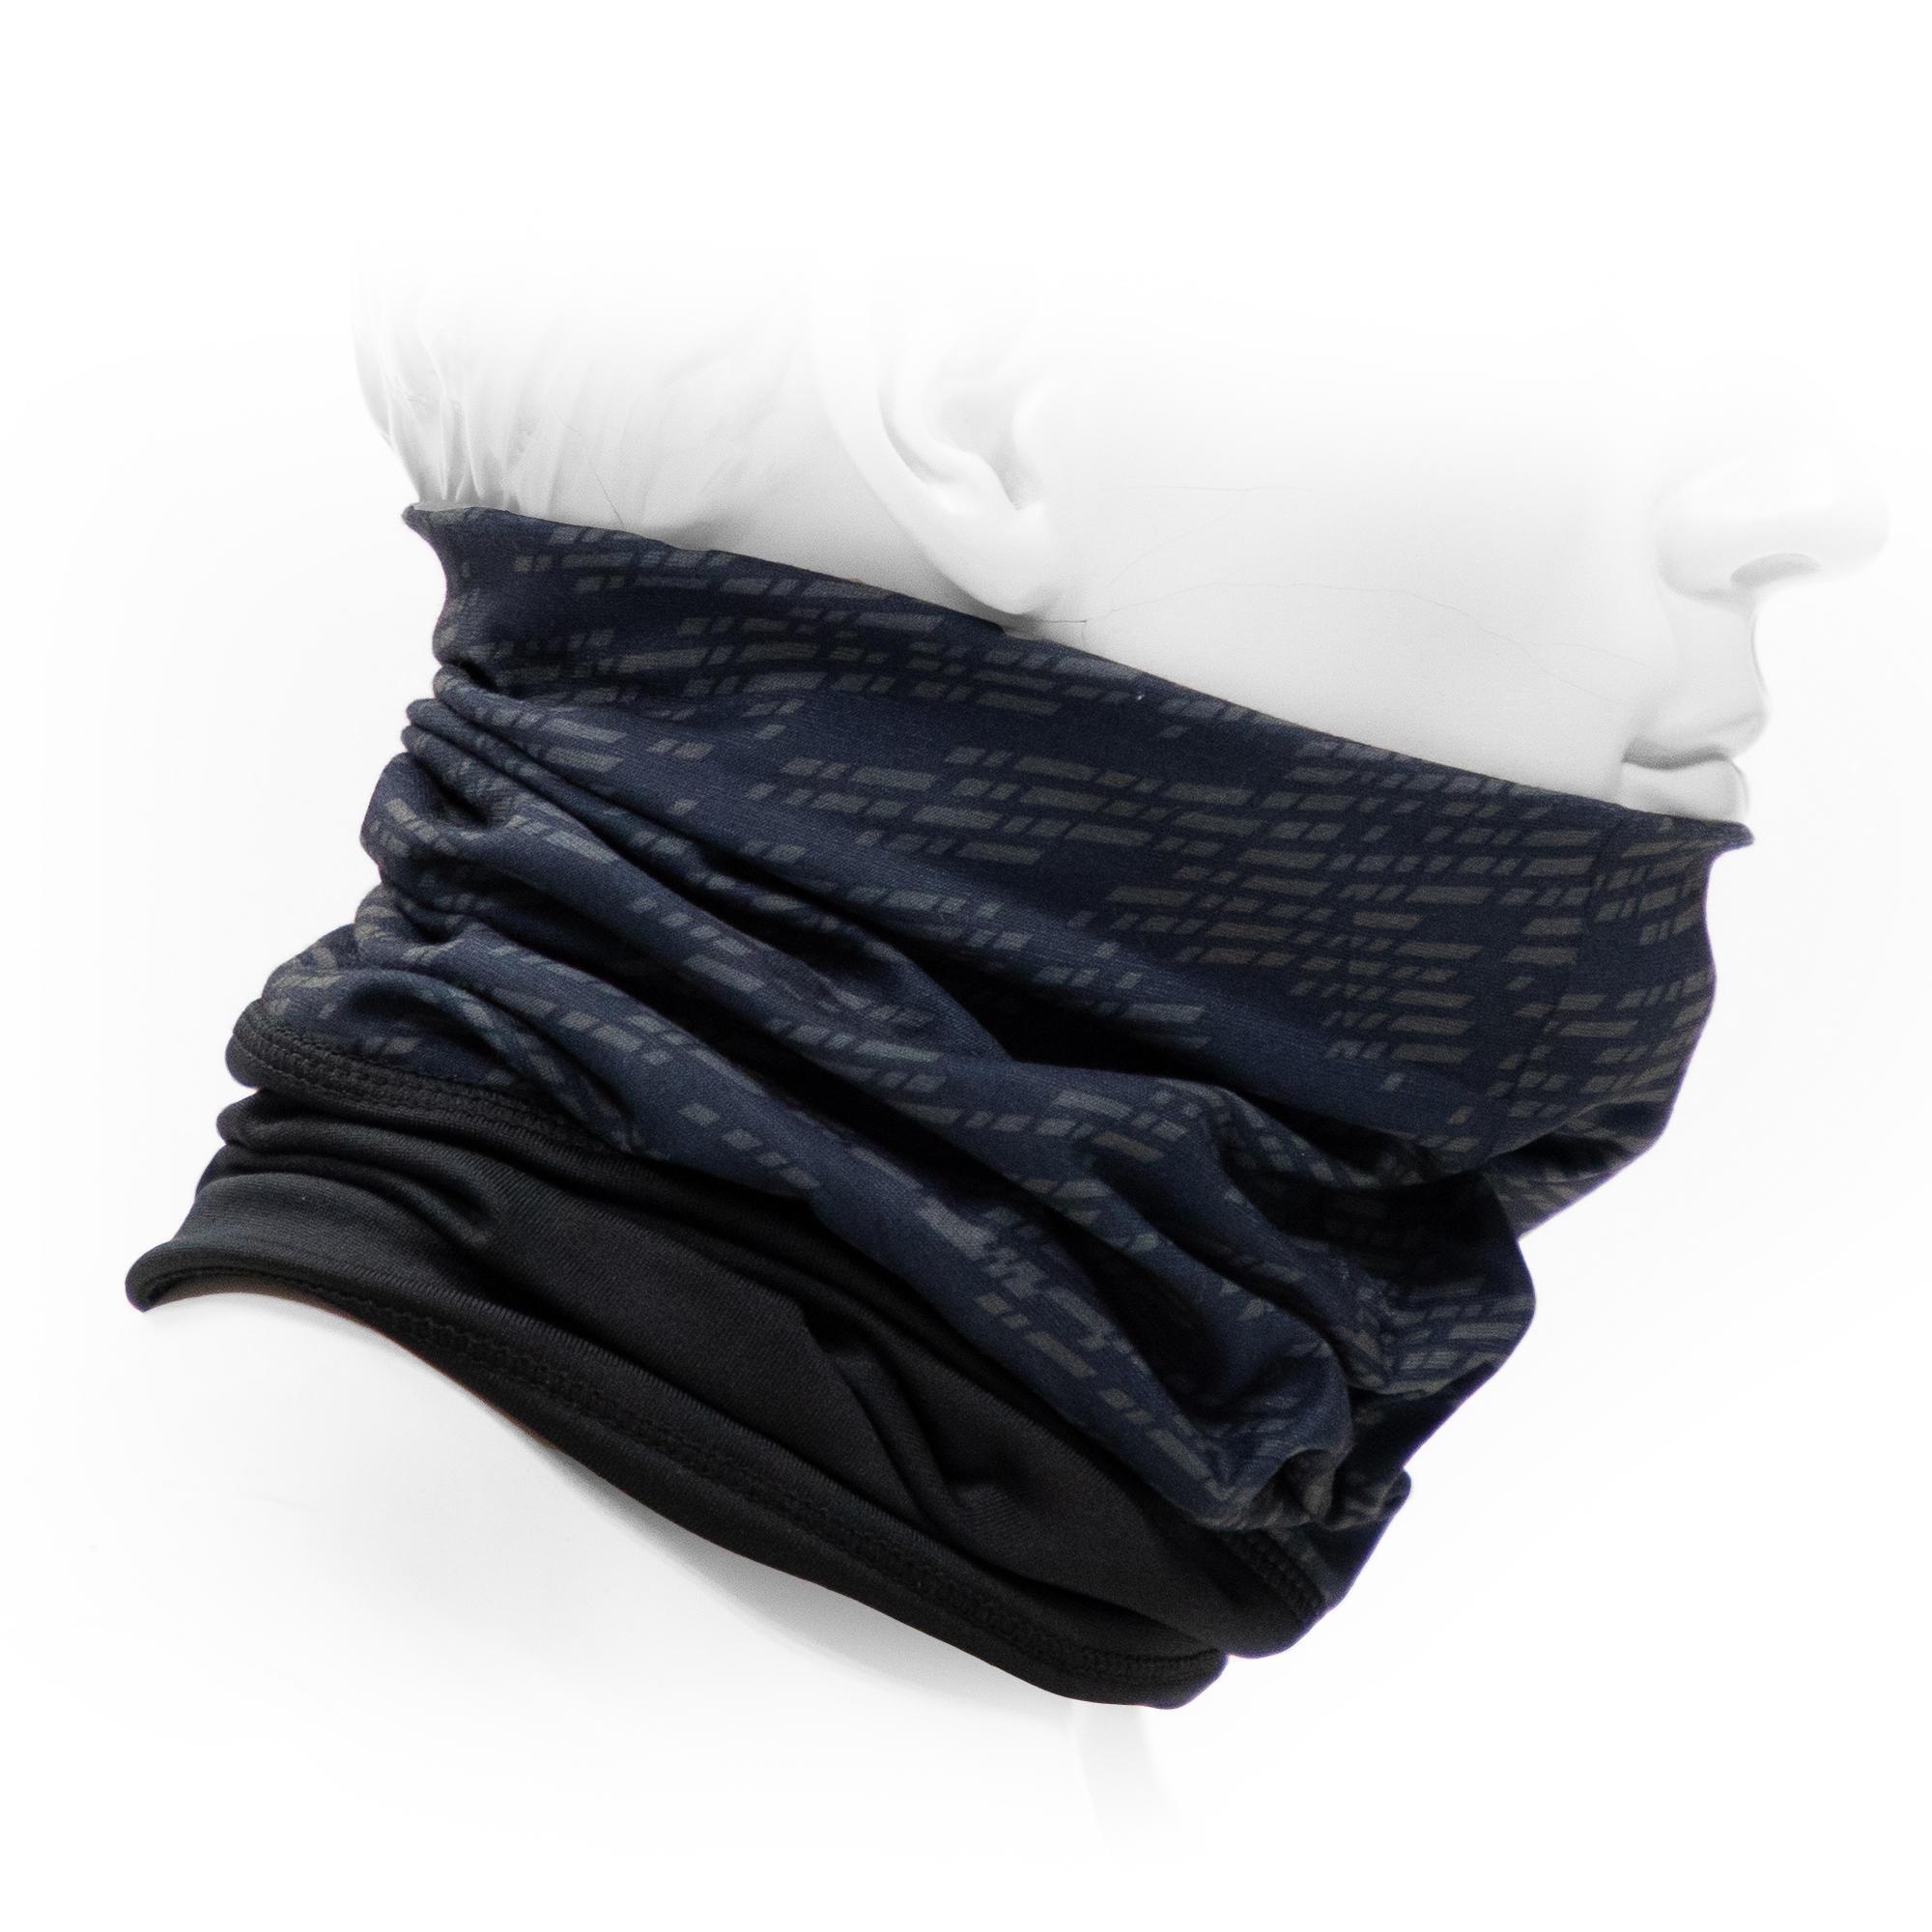 Nouveau multi usage morf micro polaire hiver snood écharpe cou chaud noir blanc marine